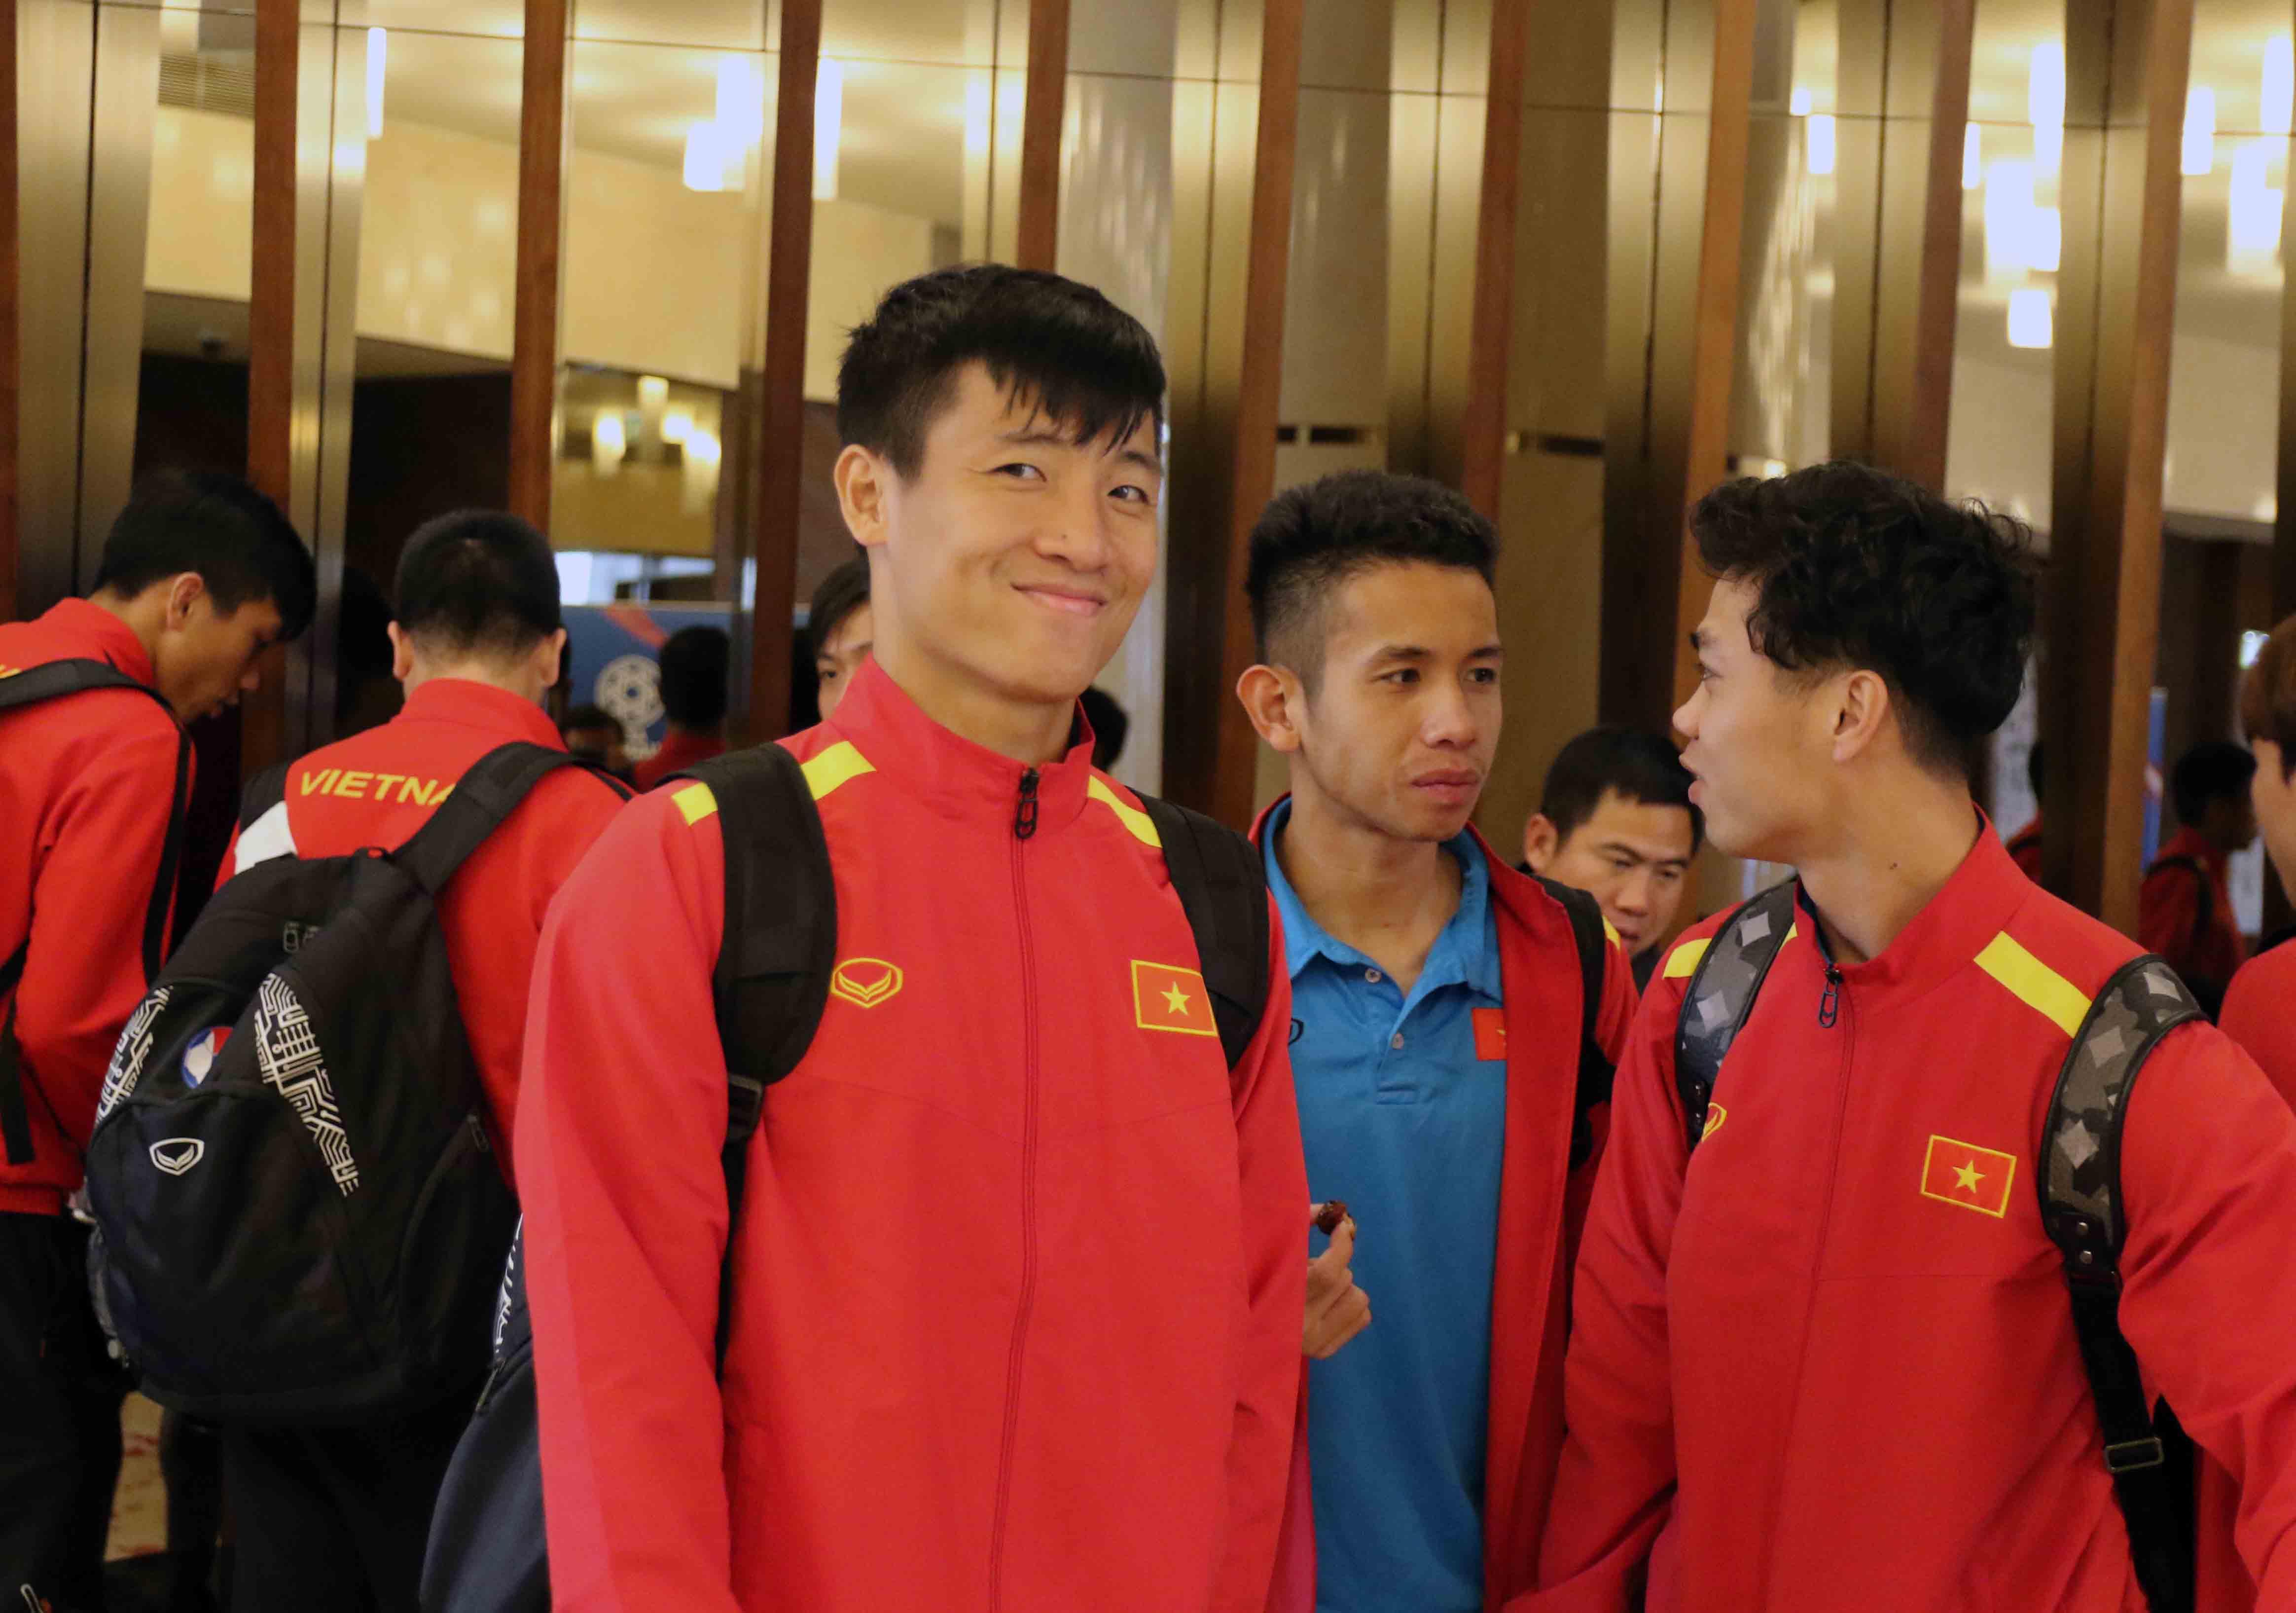 ĐT Việt Nam di chuyển sang Dubai, chuẩn bị cho trận đấu gặp Jordan tại vòng 1/8